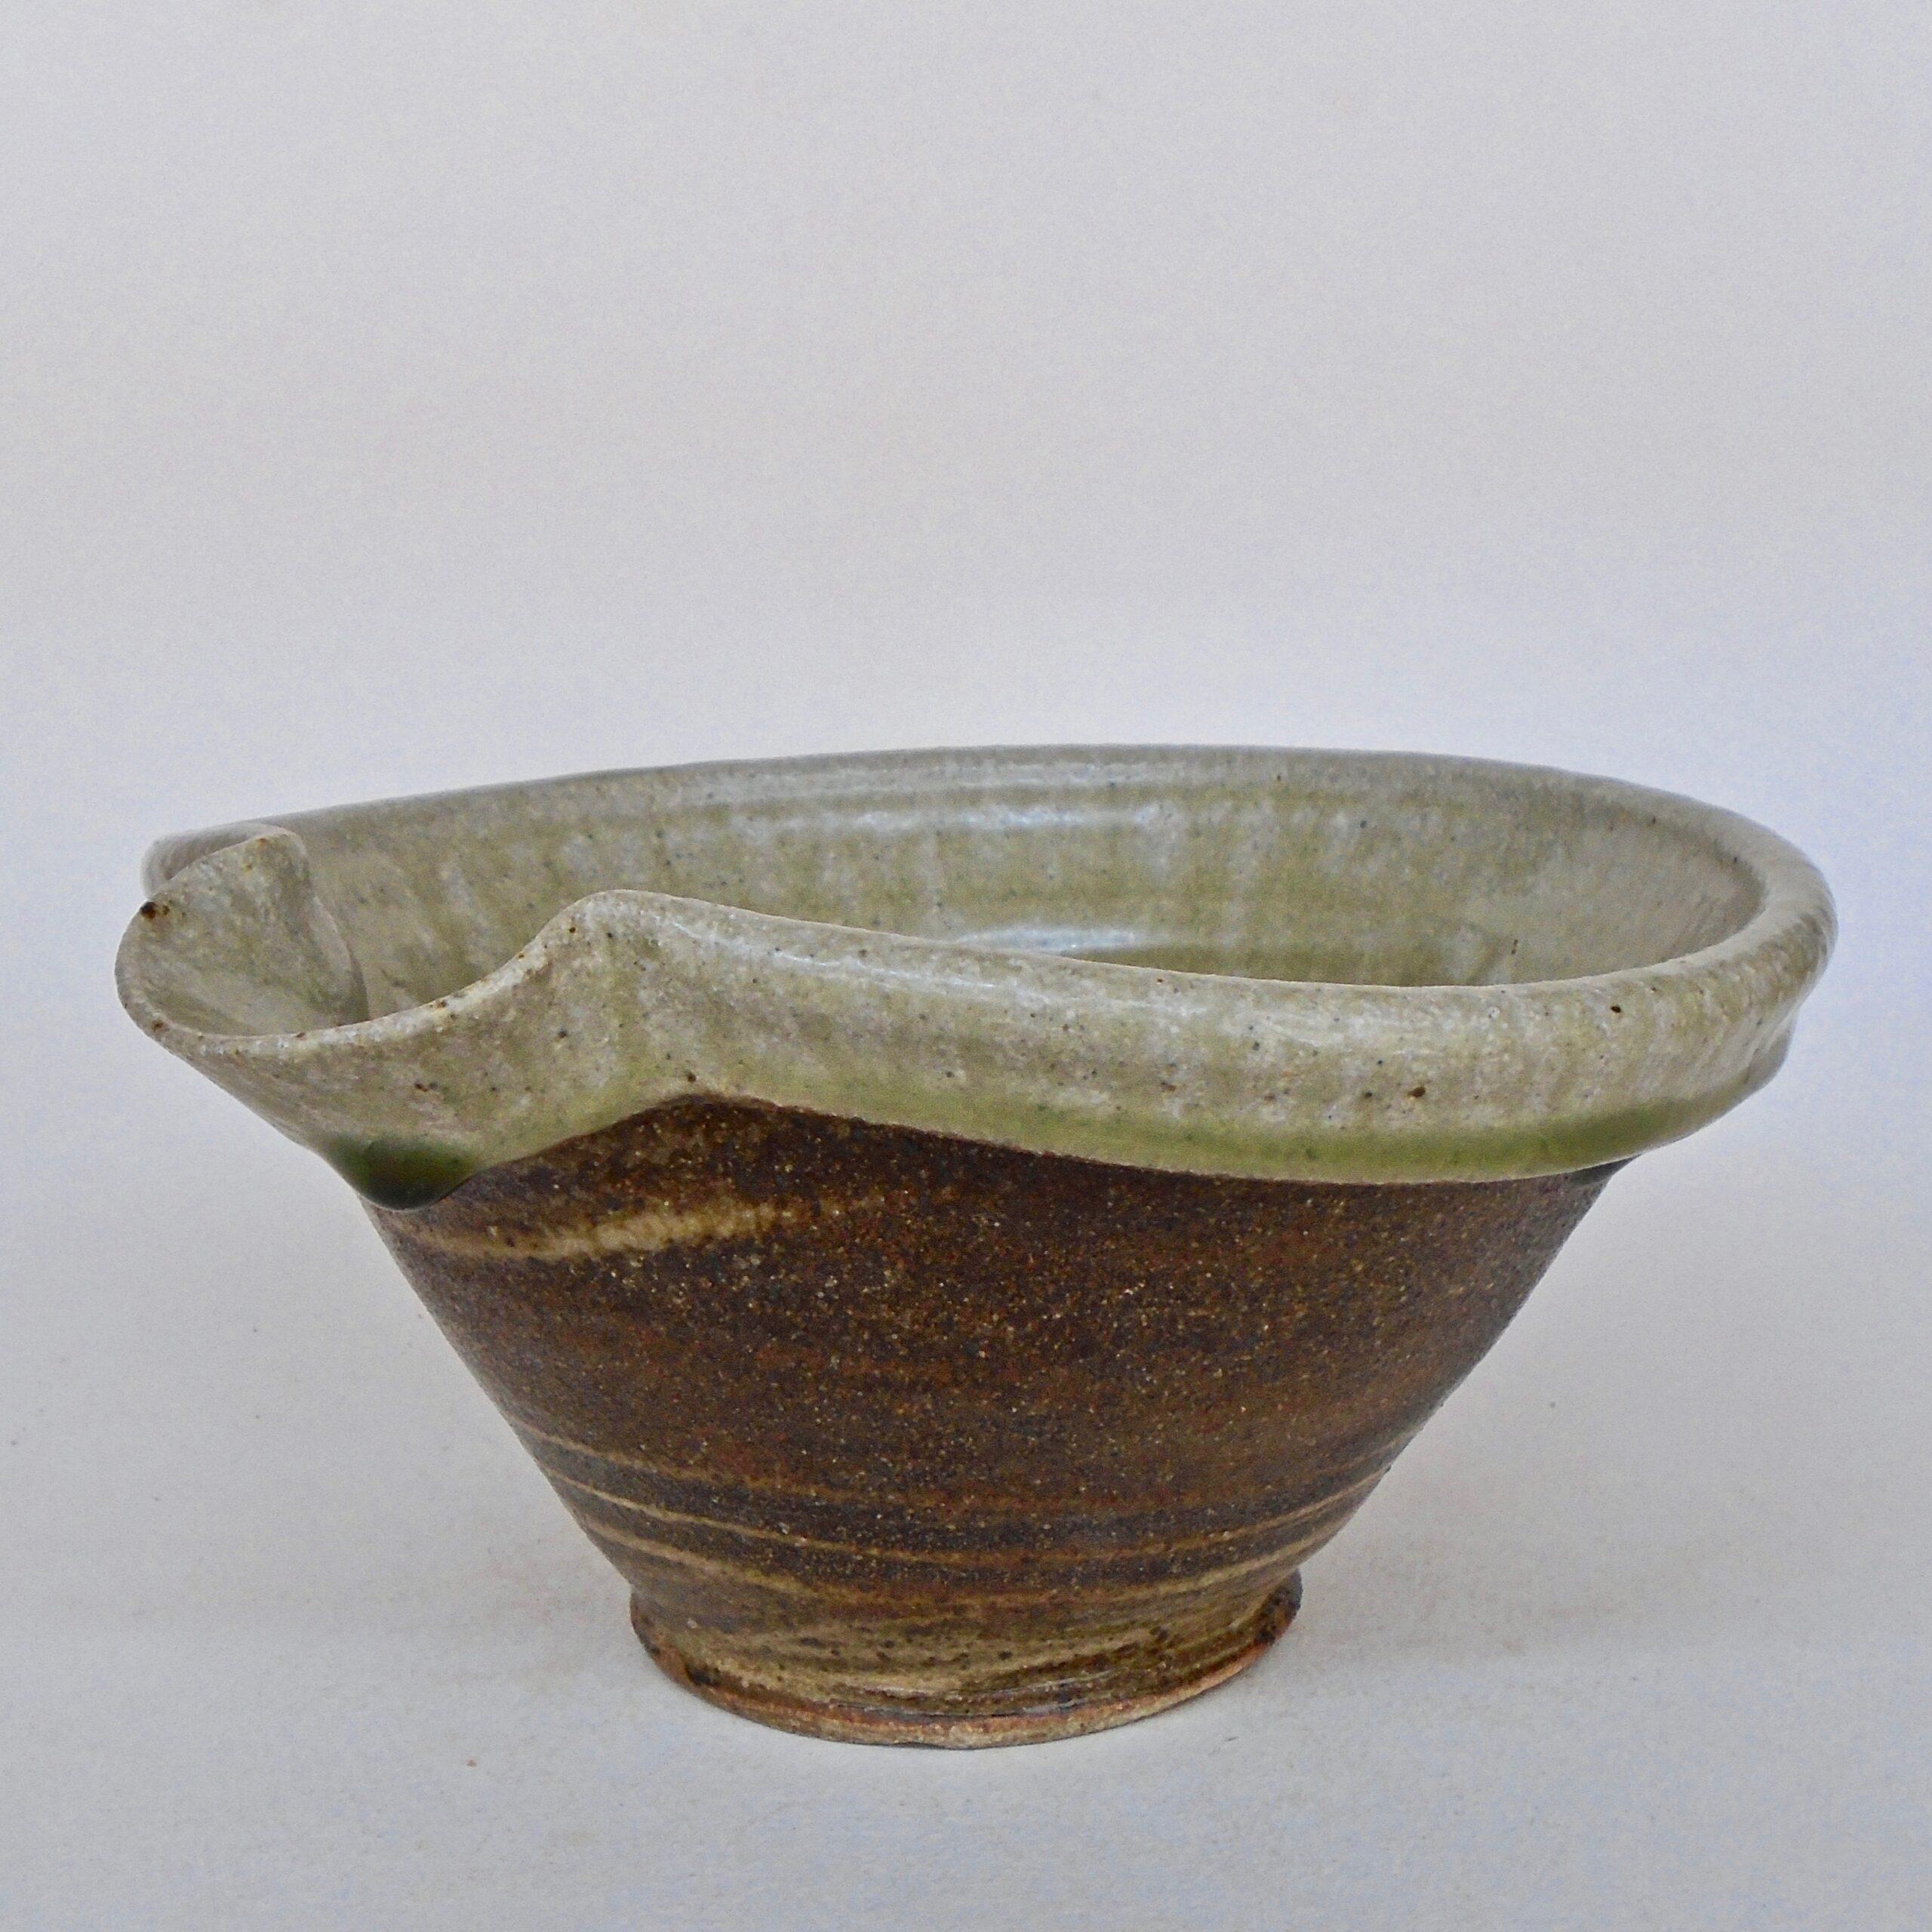 JL281: Small Ashy Mixing Bowl